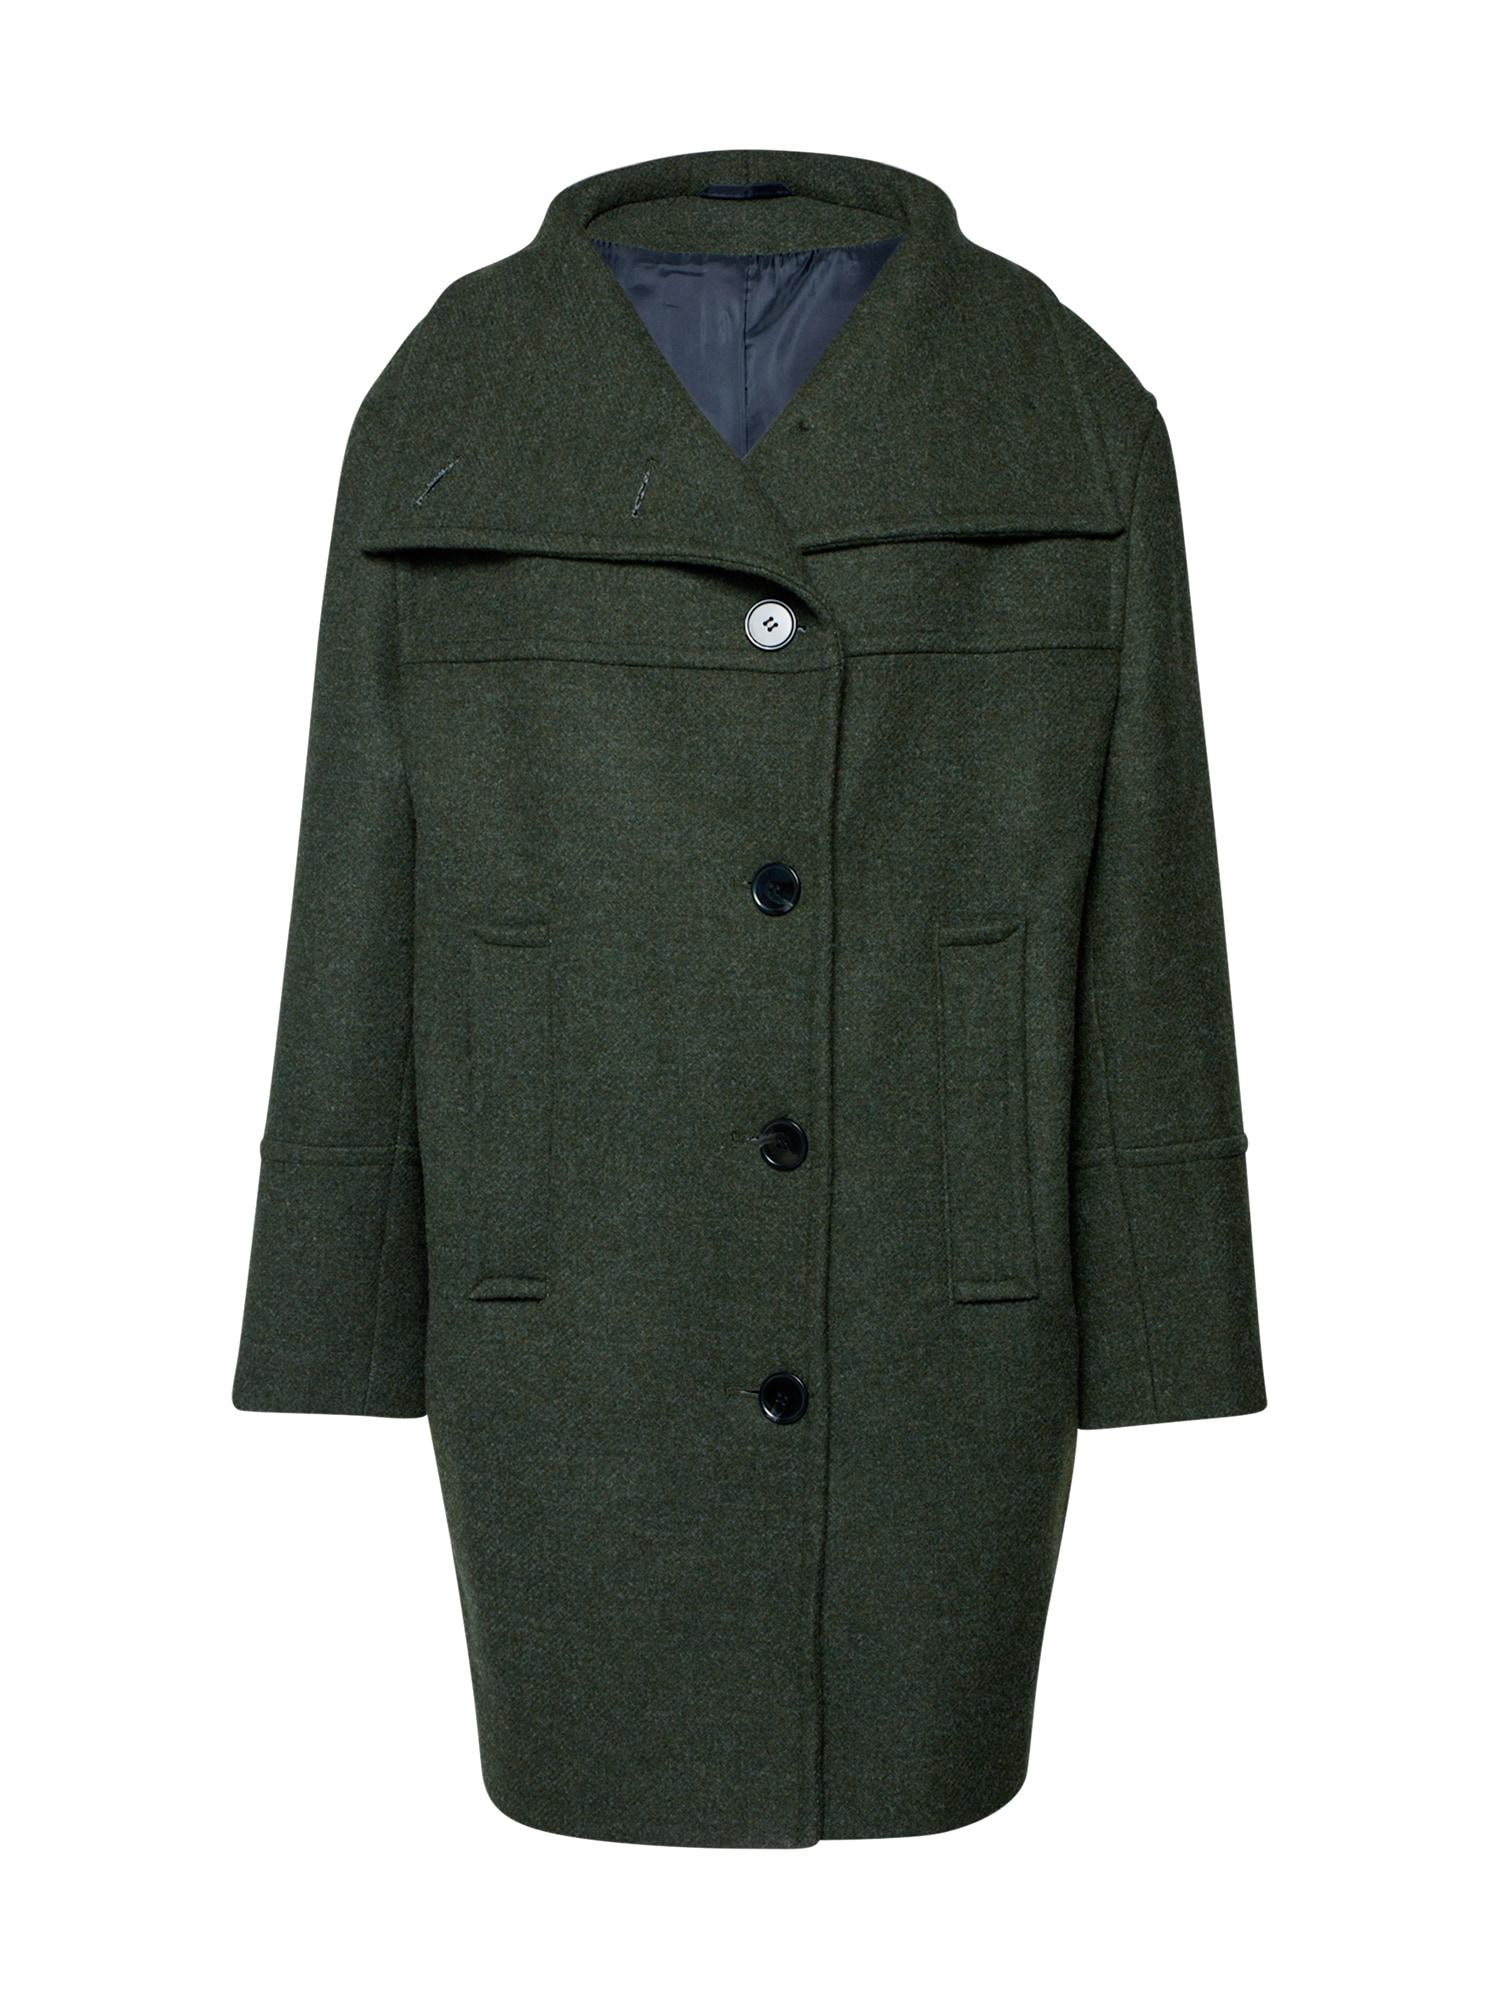 EDITED Rudeninis-žieminis paltas 'Clover' žalia